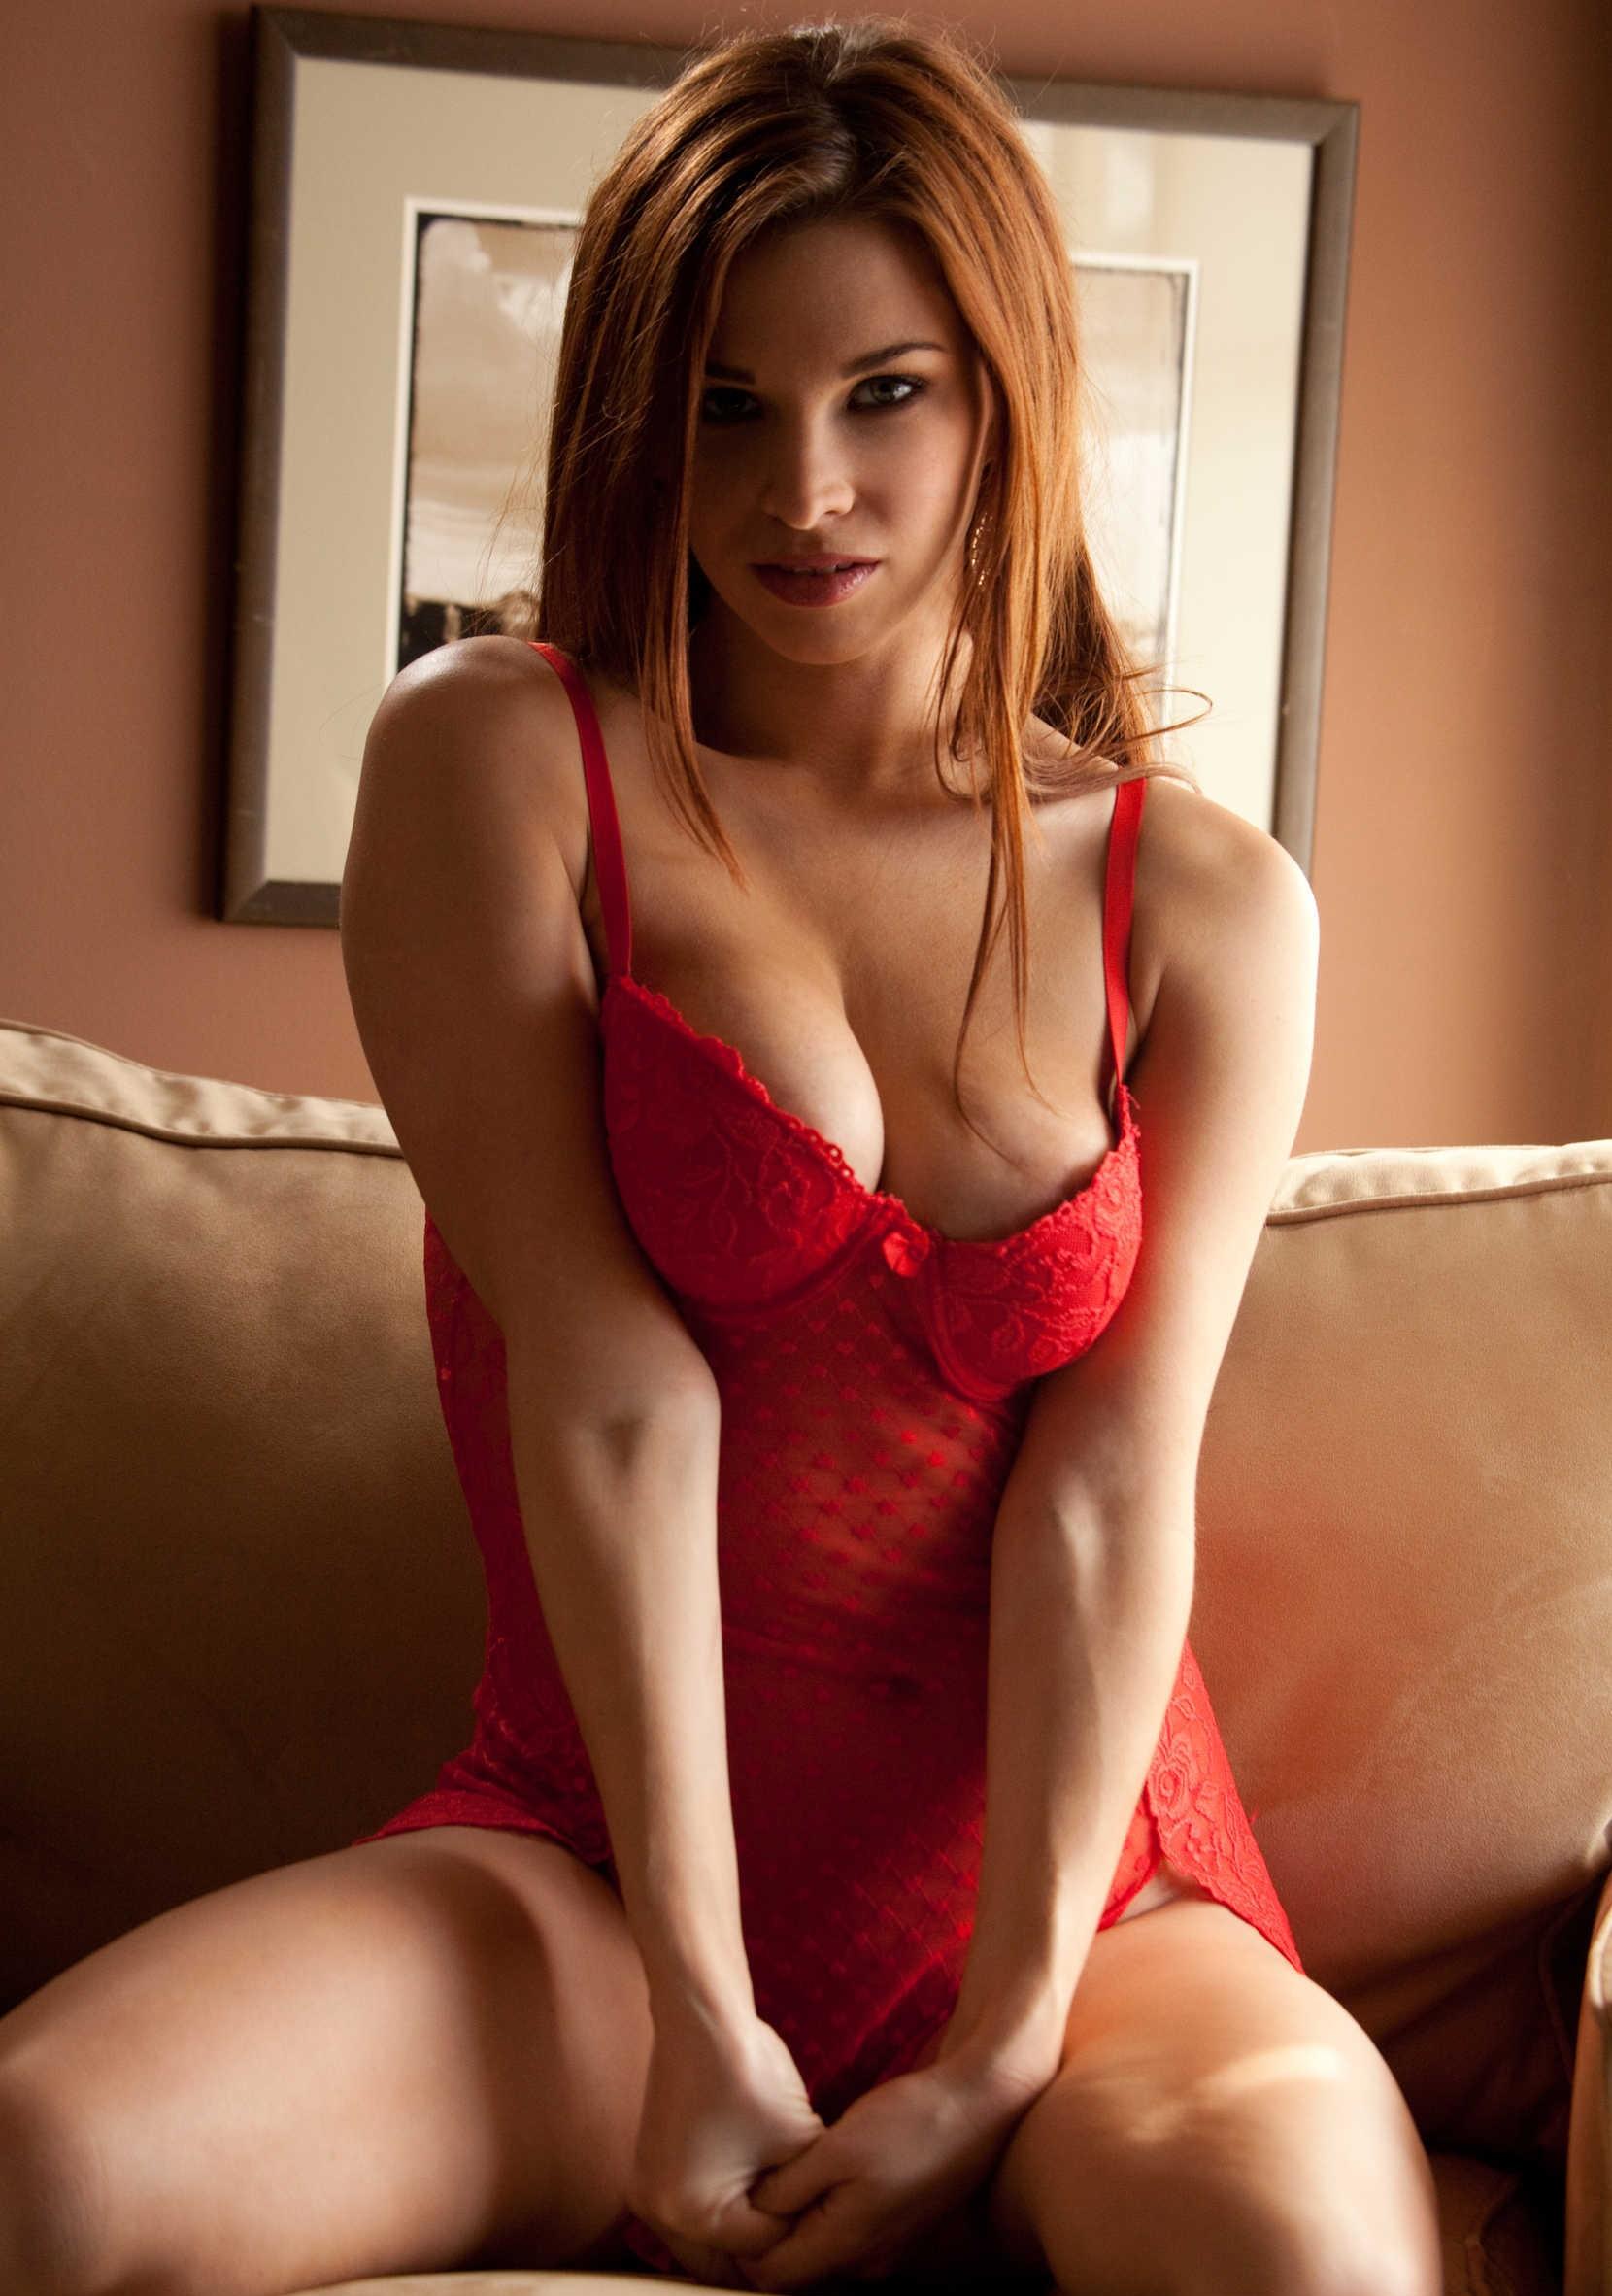 Hot babe seduction